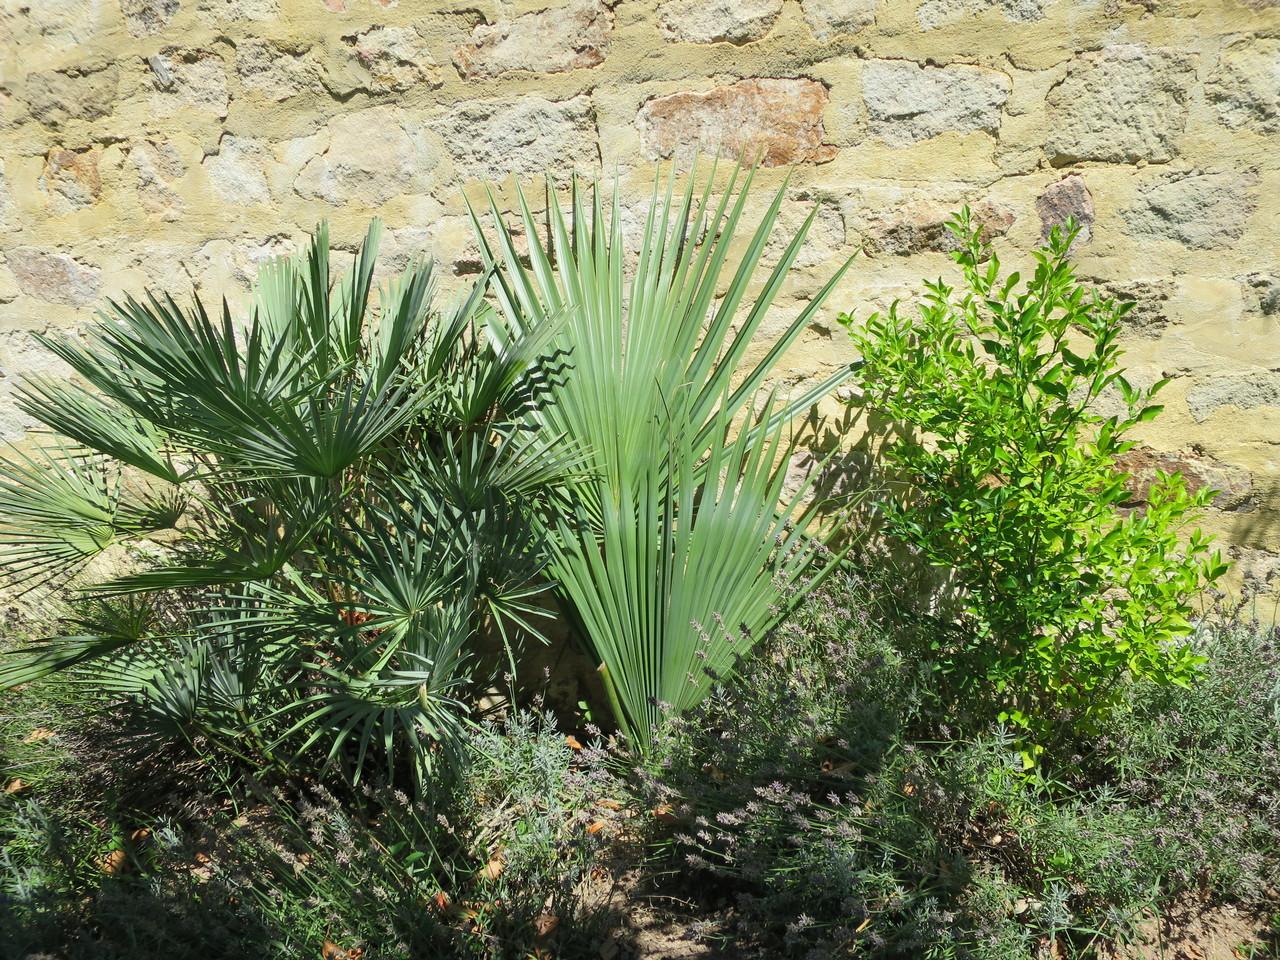 palmen erfolgreich in der schweiz ausgepflanzt berwintern. Black Bedroom Furniture Sets. Home Design Ideas